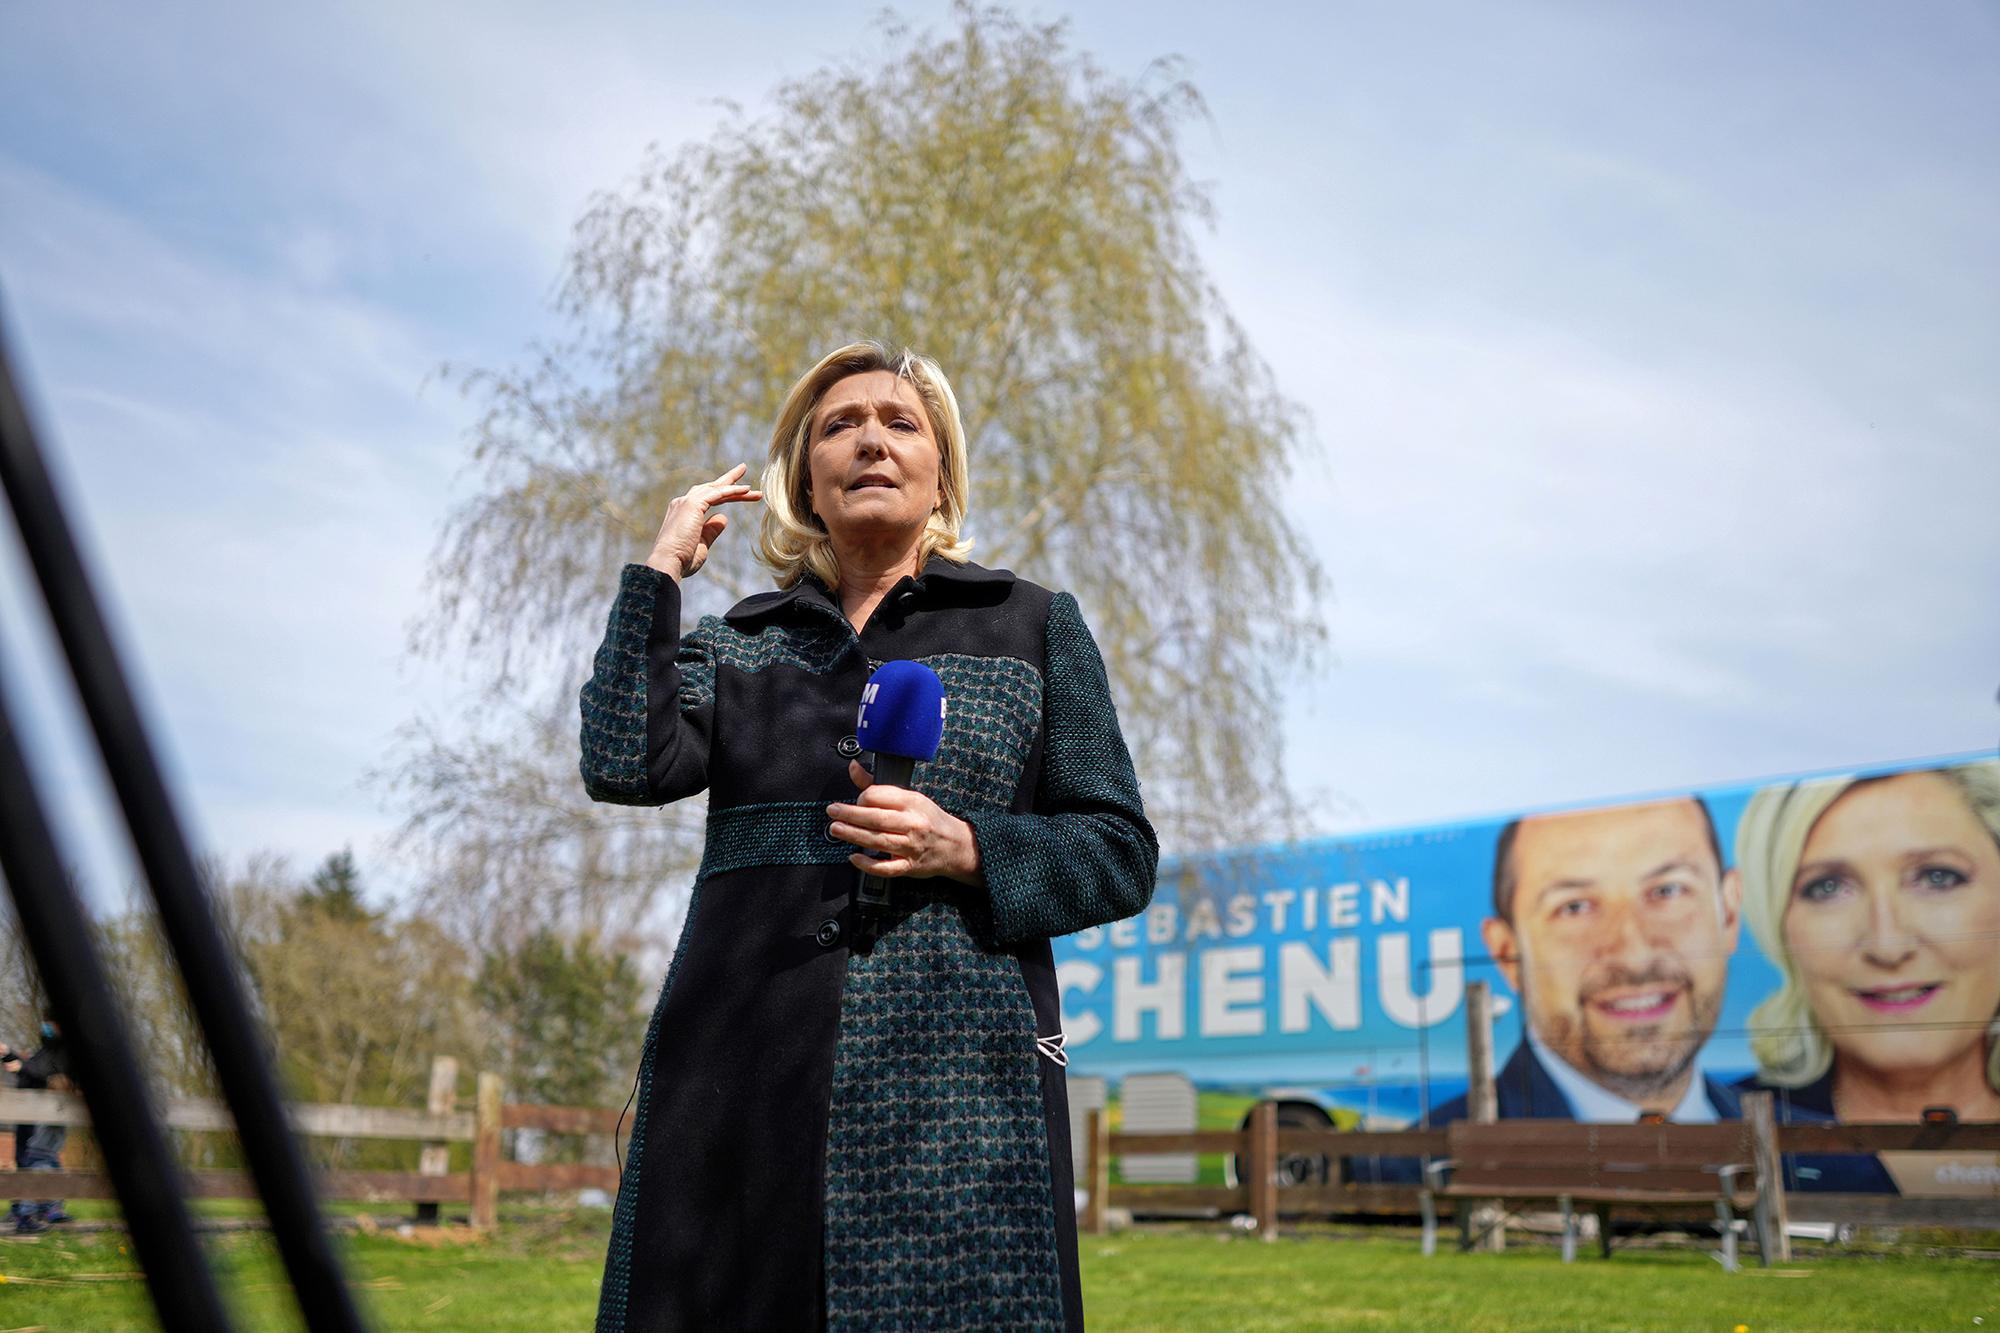 Marine Le Pen a frexitet is feladja, hogy köztársasági elnök lehessen